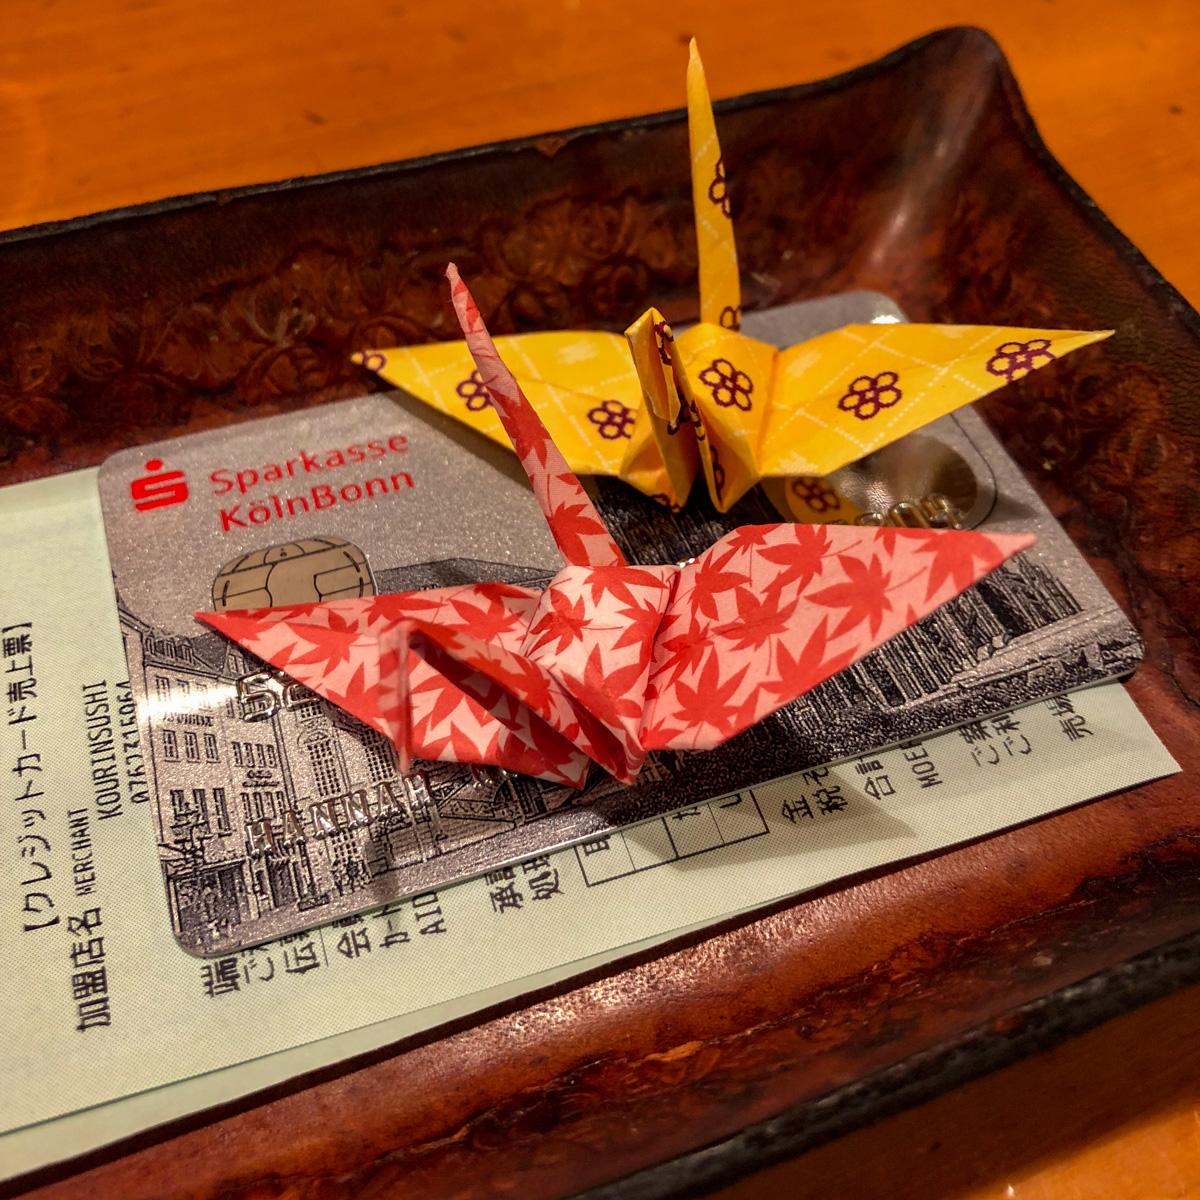 japan-knigge-trinkgeld-kreditkarte